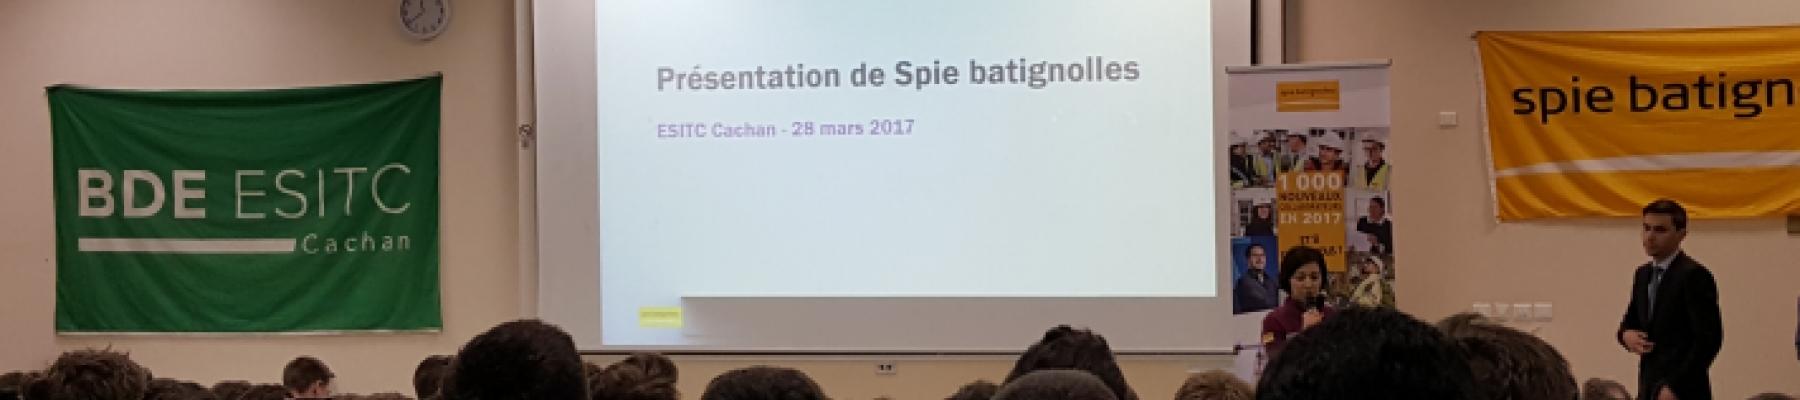 SPIE BATIGNOLLES à L'ESITC Cachan!